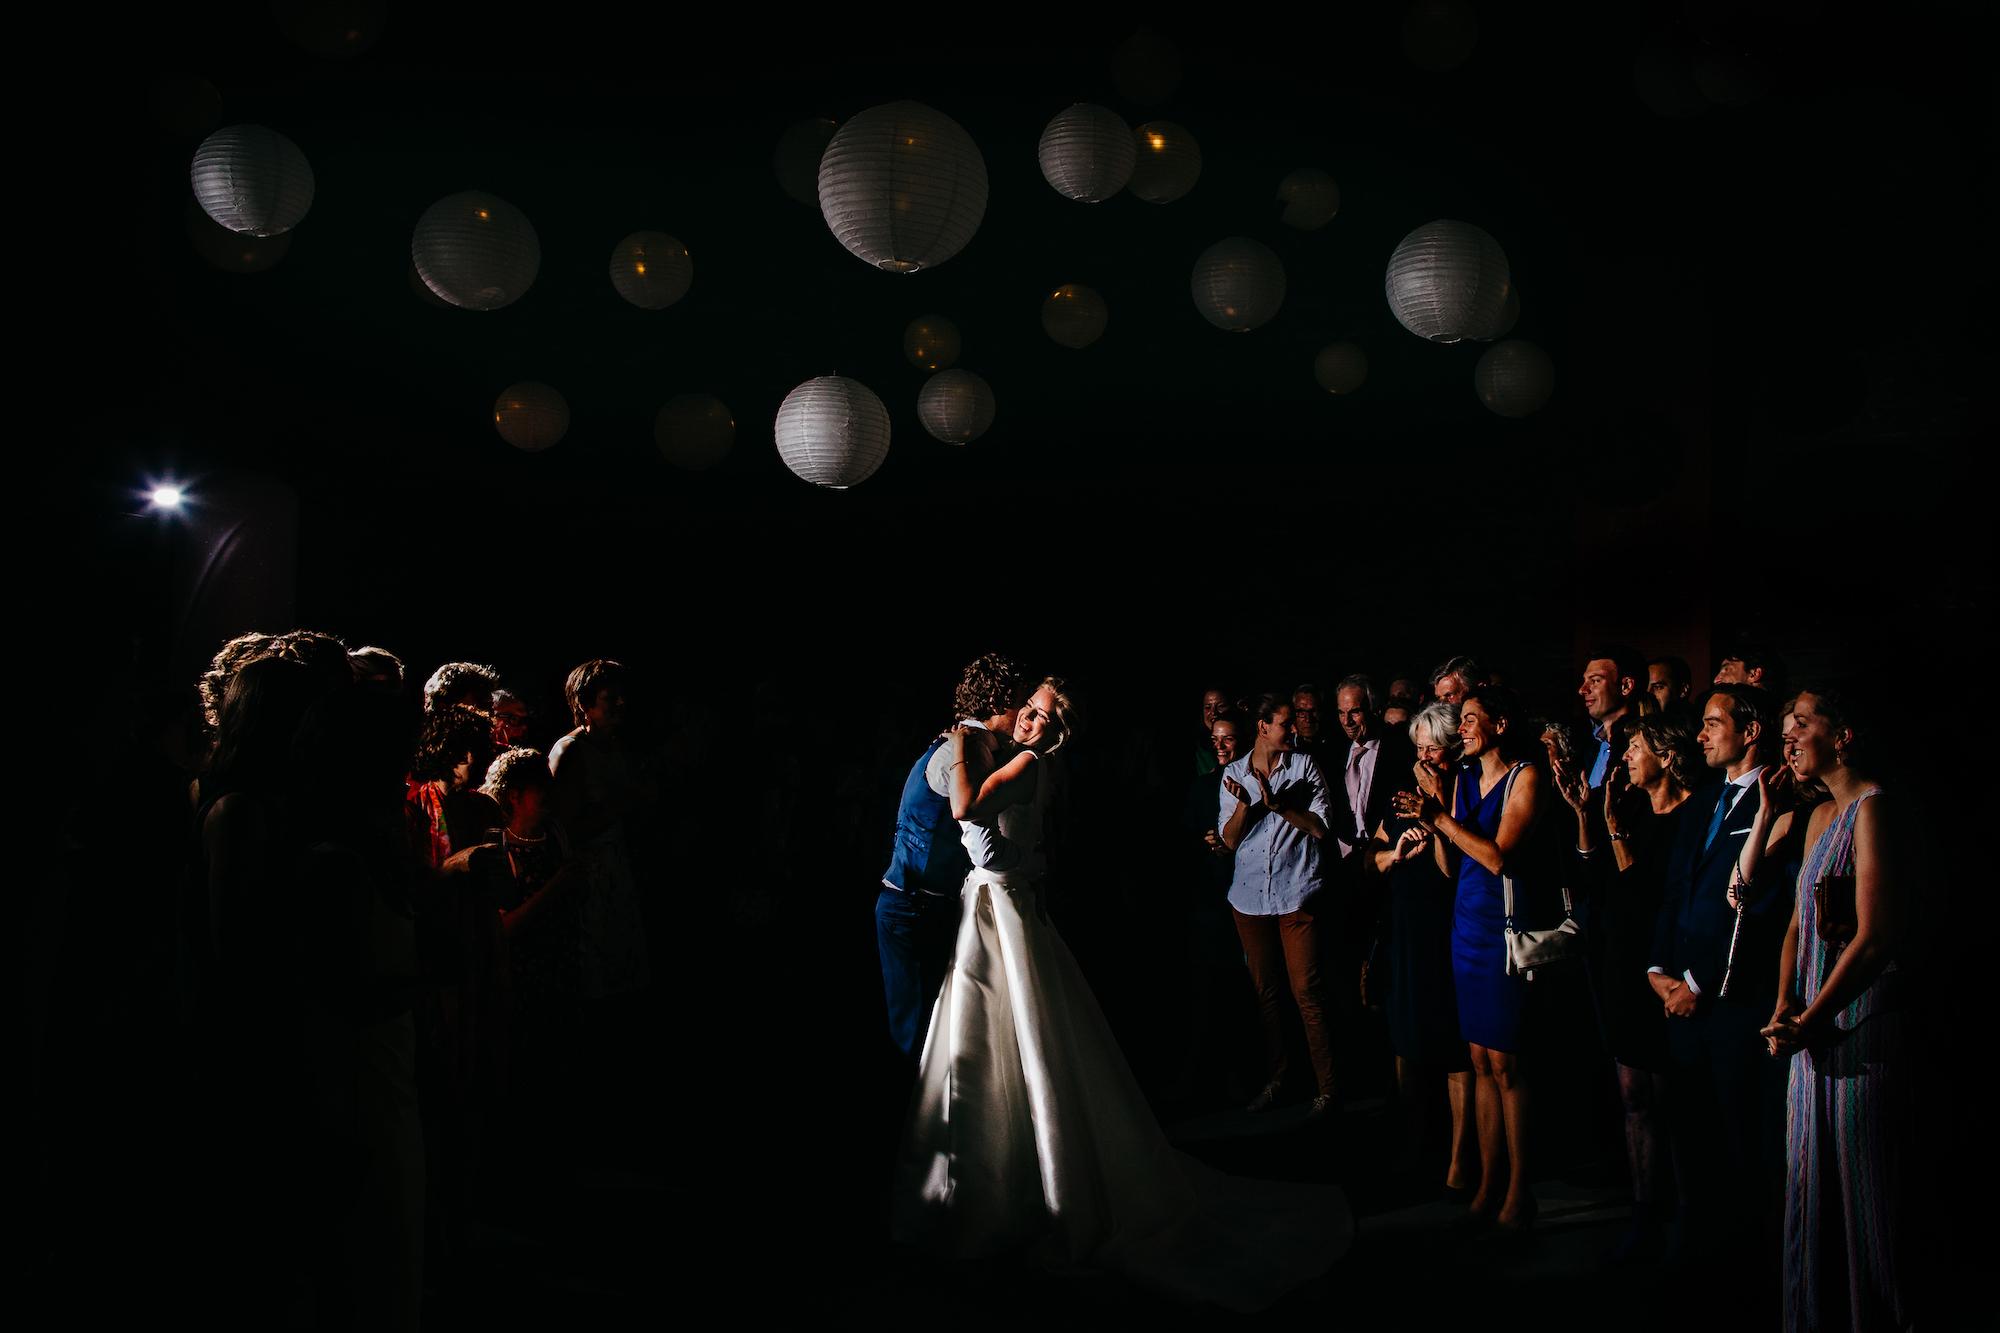 sonnenborgh-bruidsfotograaf-utrecht.jpg